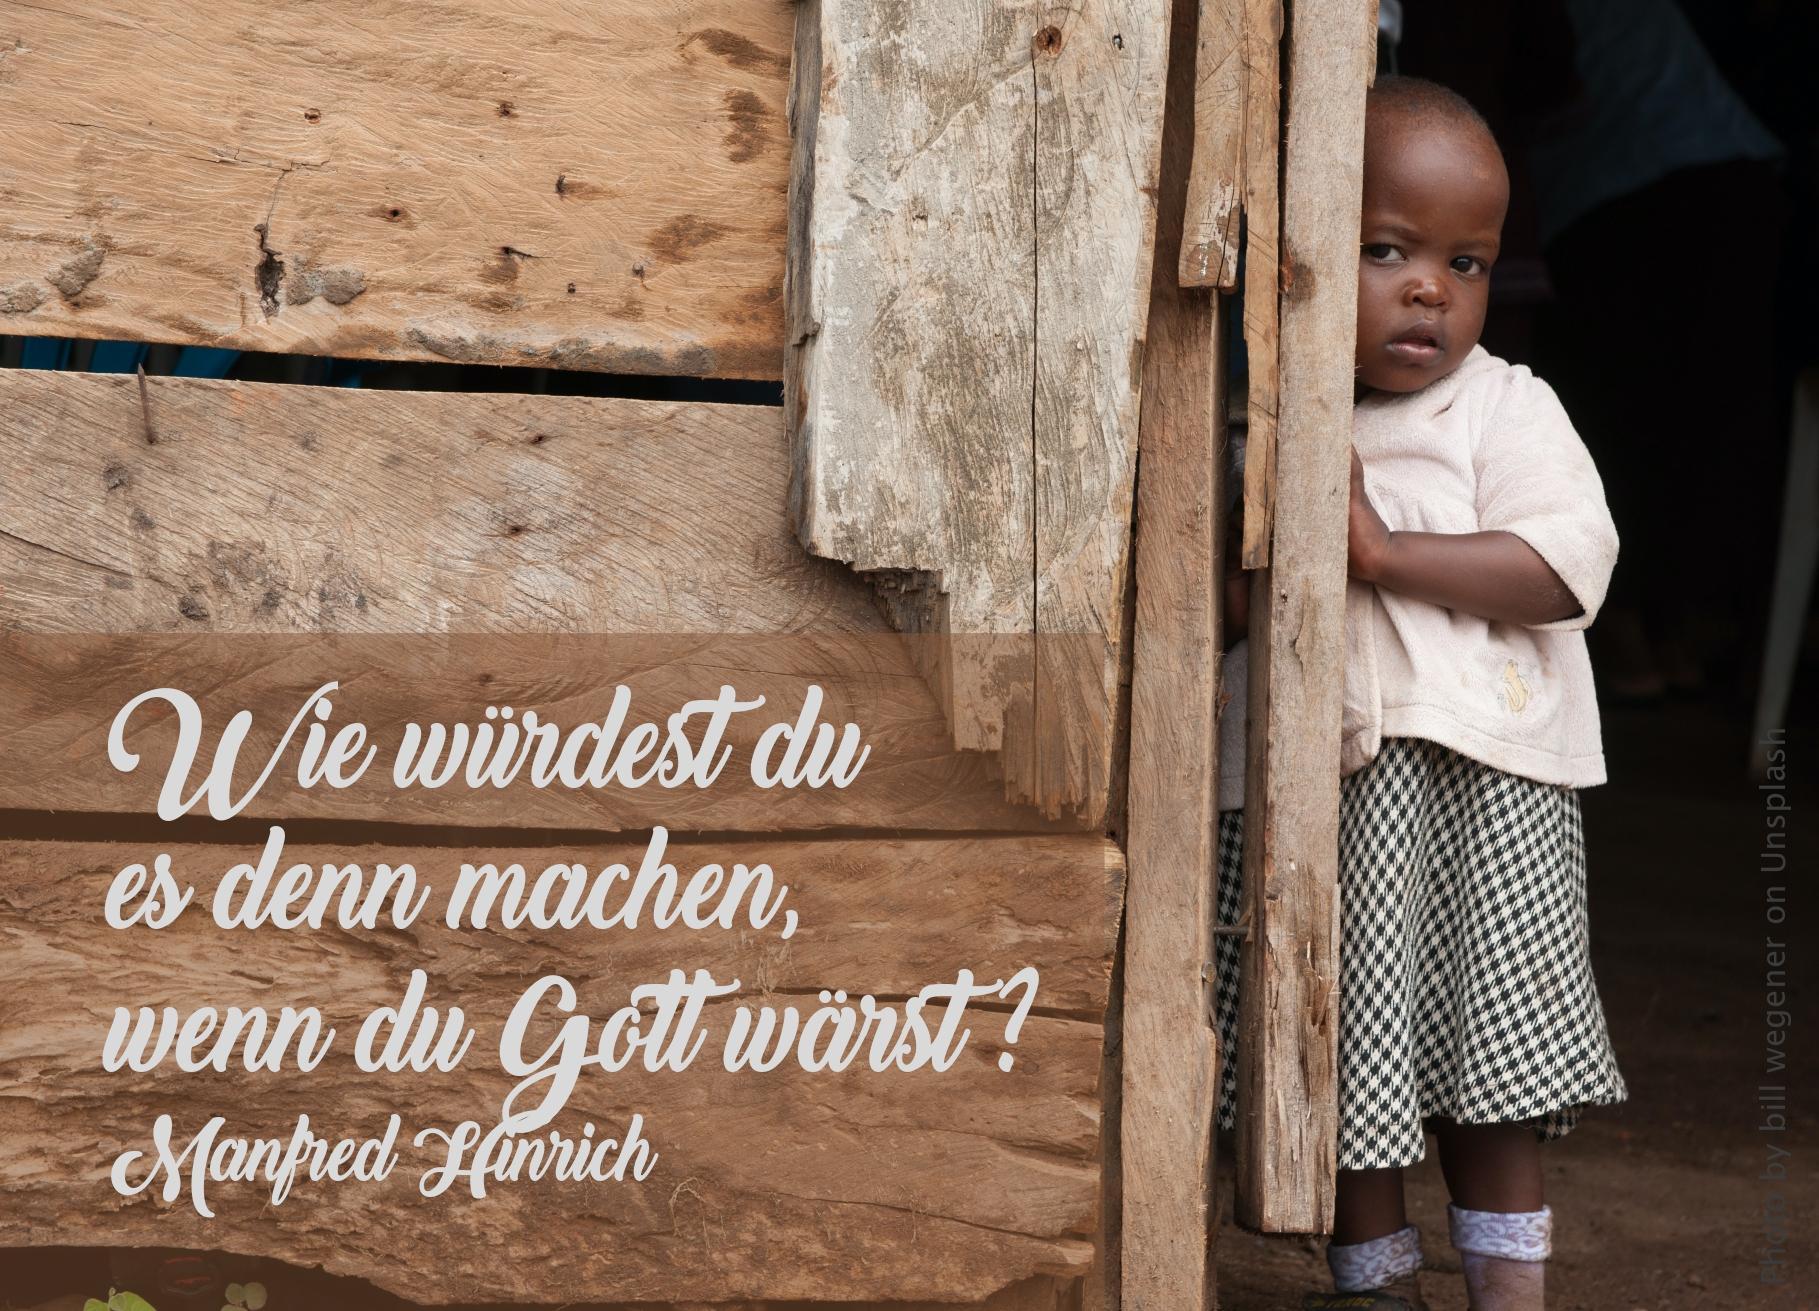 Kleines Mädchen steht im Türeingang einer einfachen Holzhütte